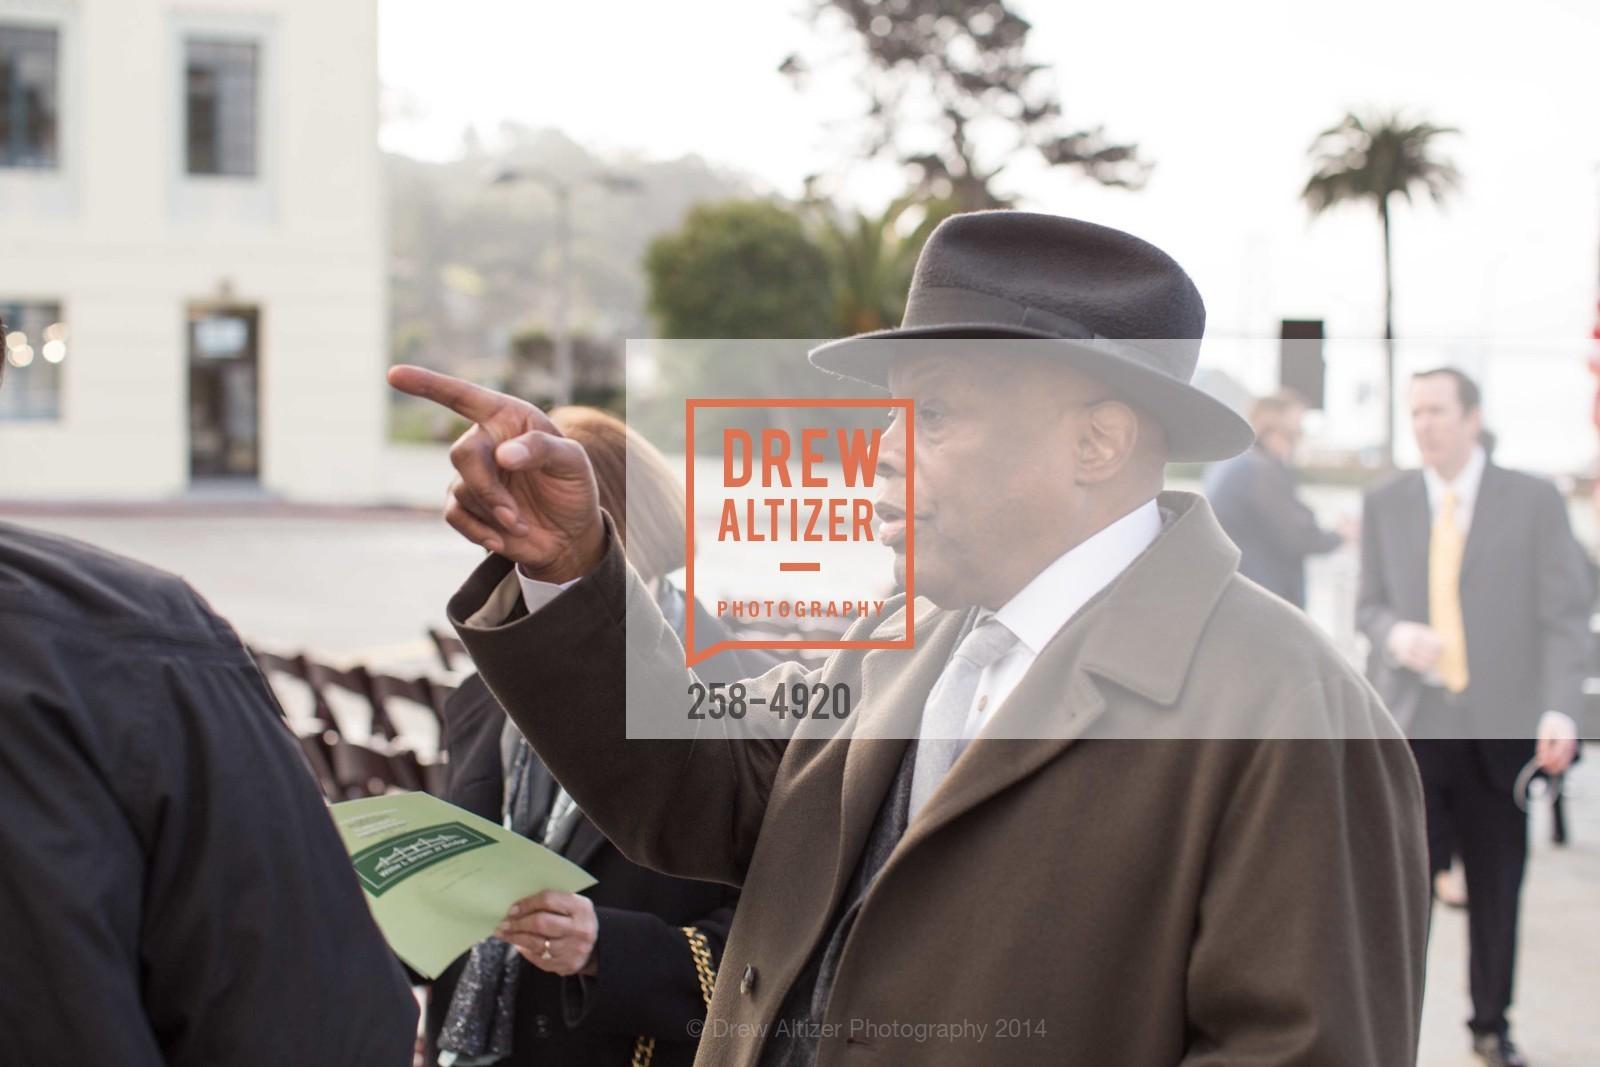 Willie Brown, Photo #258-4920